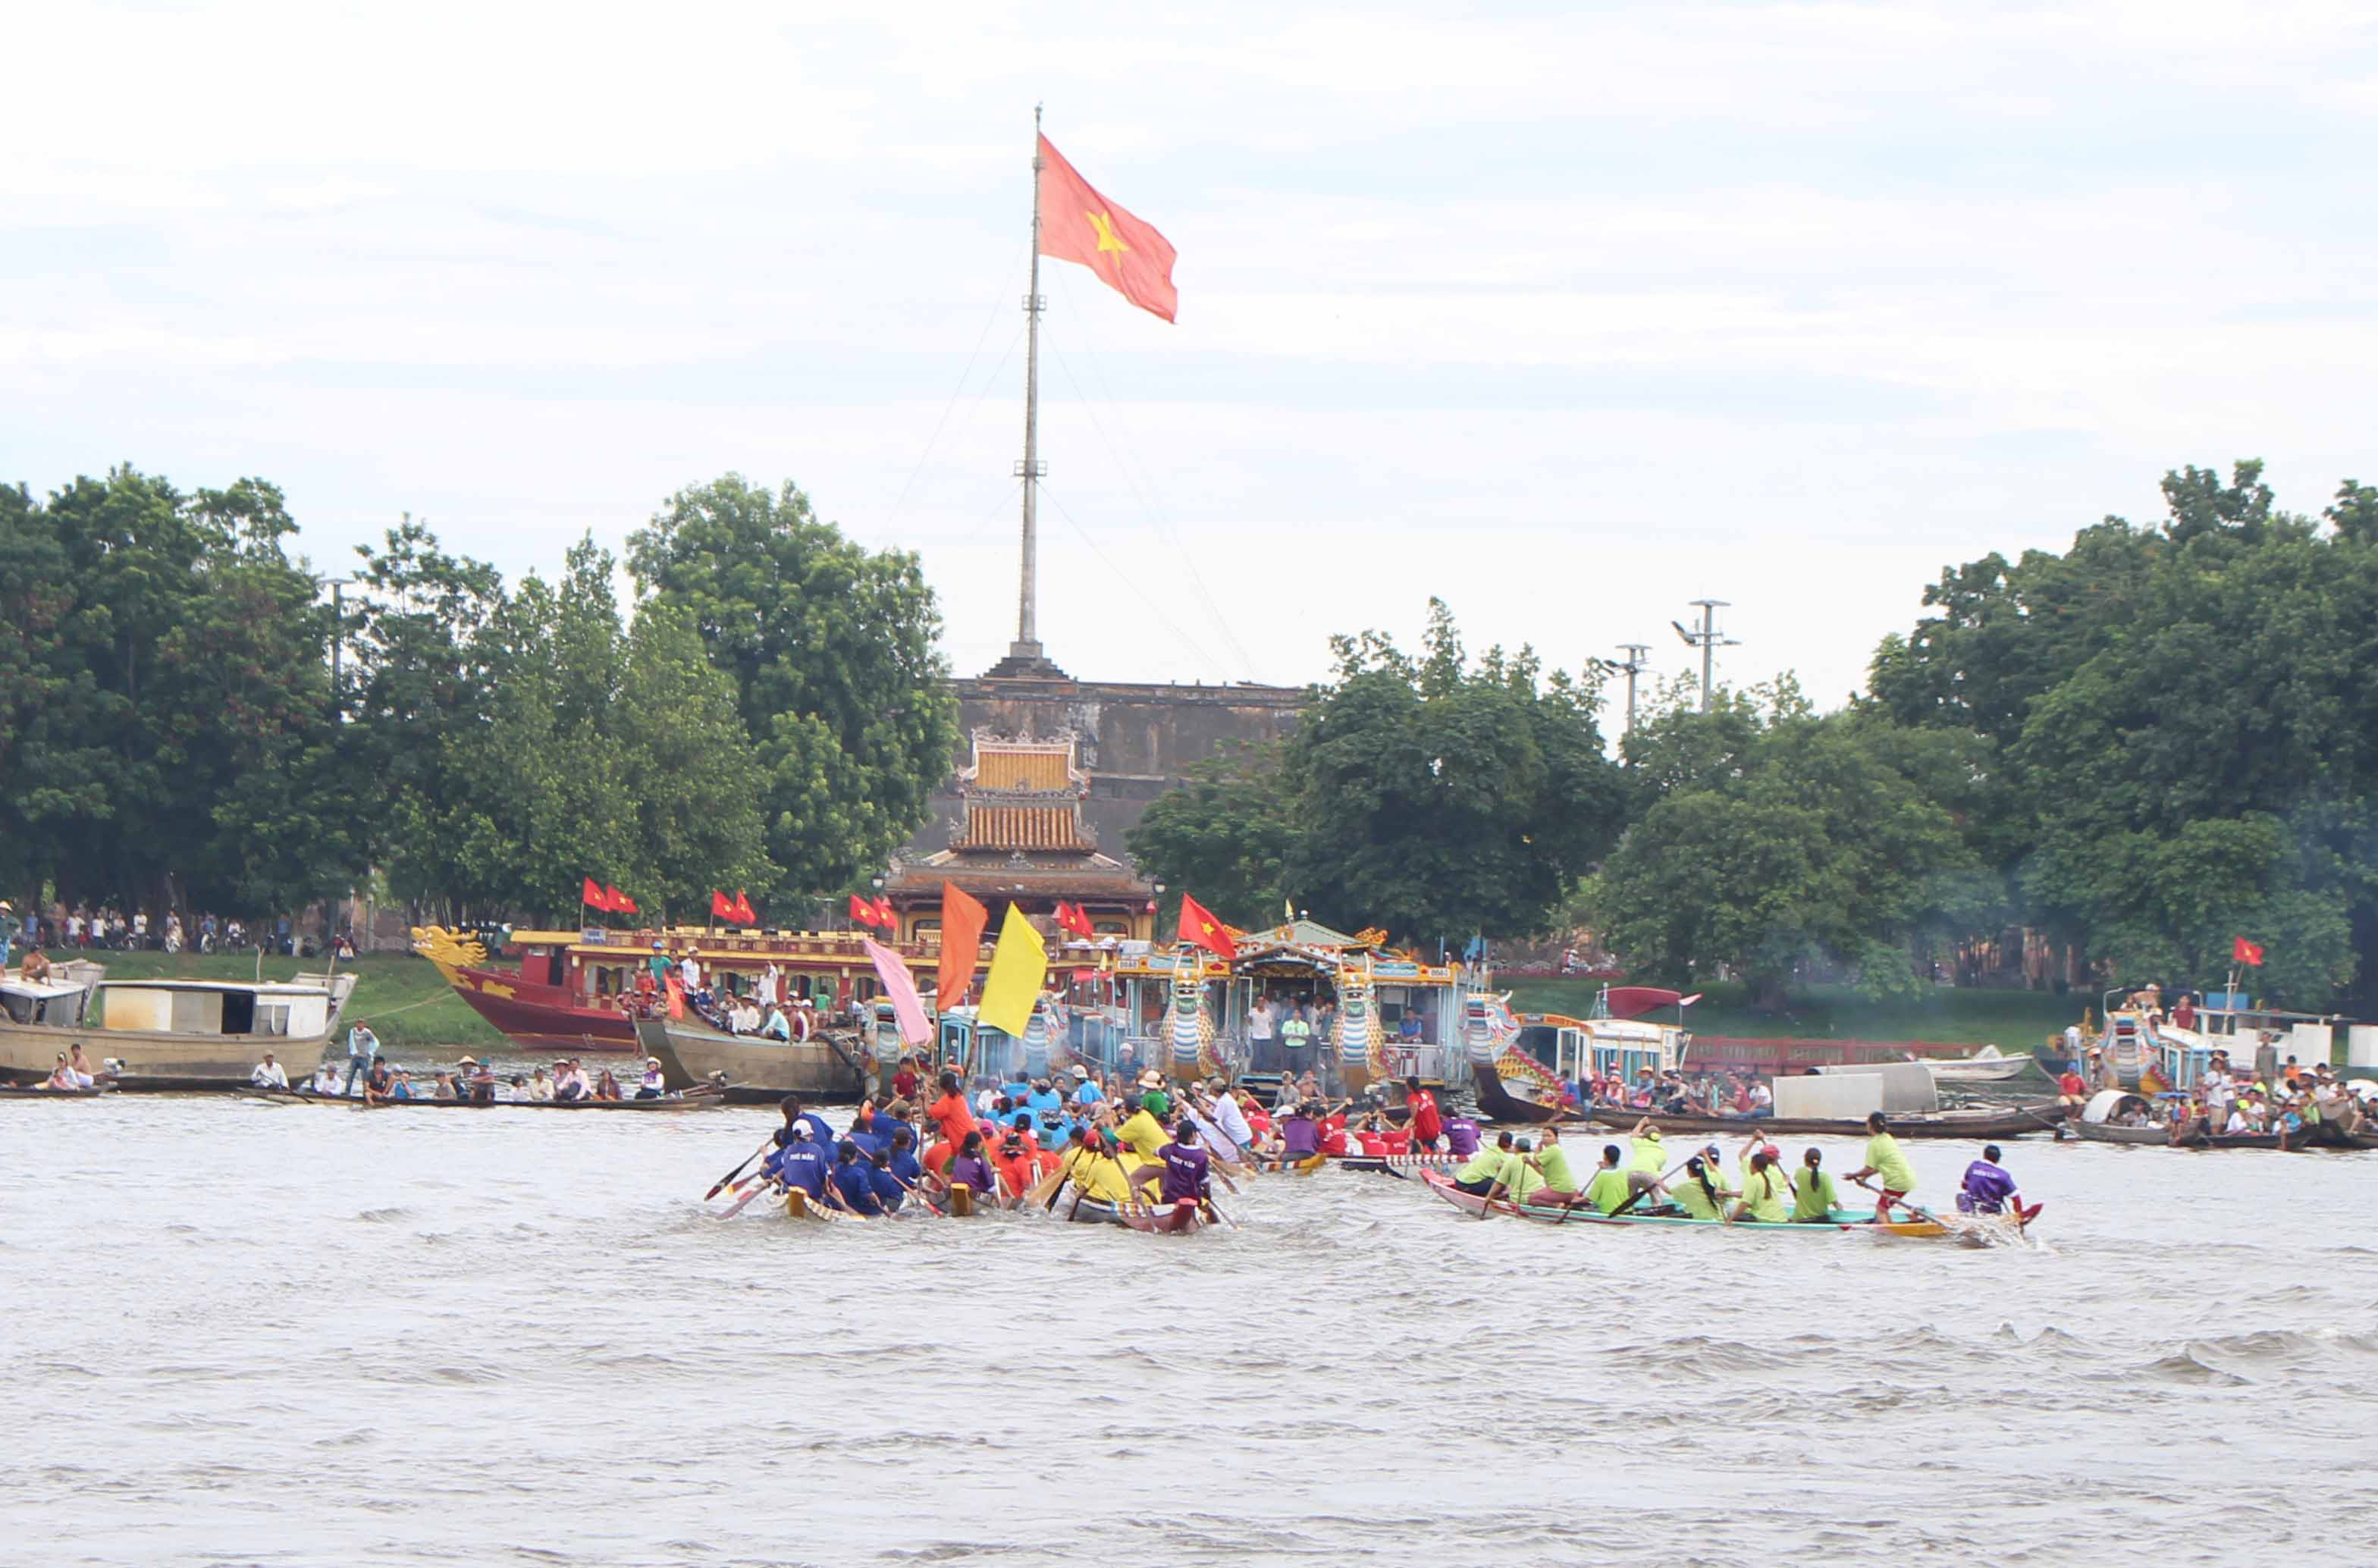 Cuộc đua quyết liệt tại sông Hương giữa các ghe. Trong ảnh là giai đoạn tiến ra vè rúm, khâu quan trọng của cuộc đua